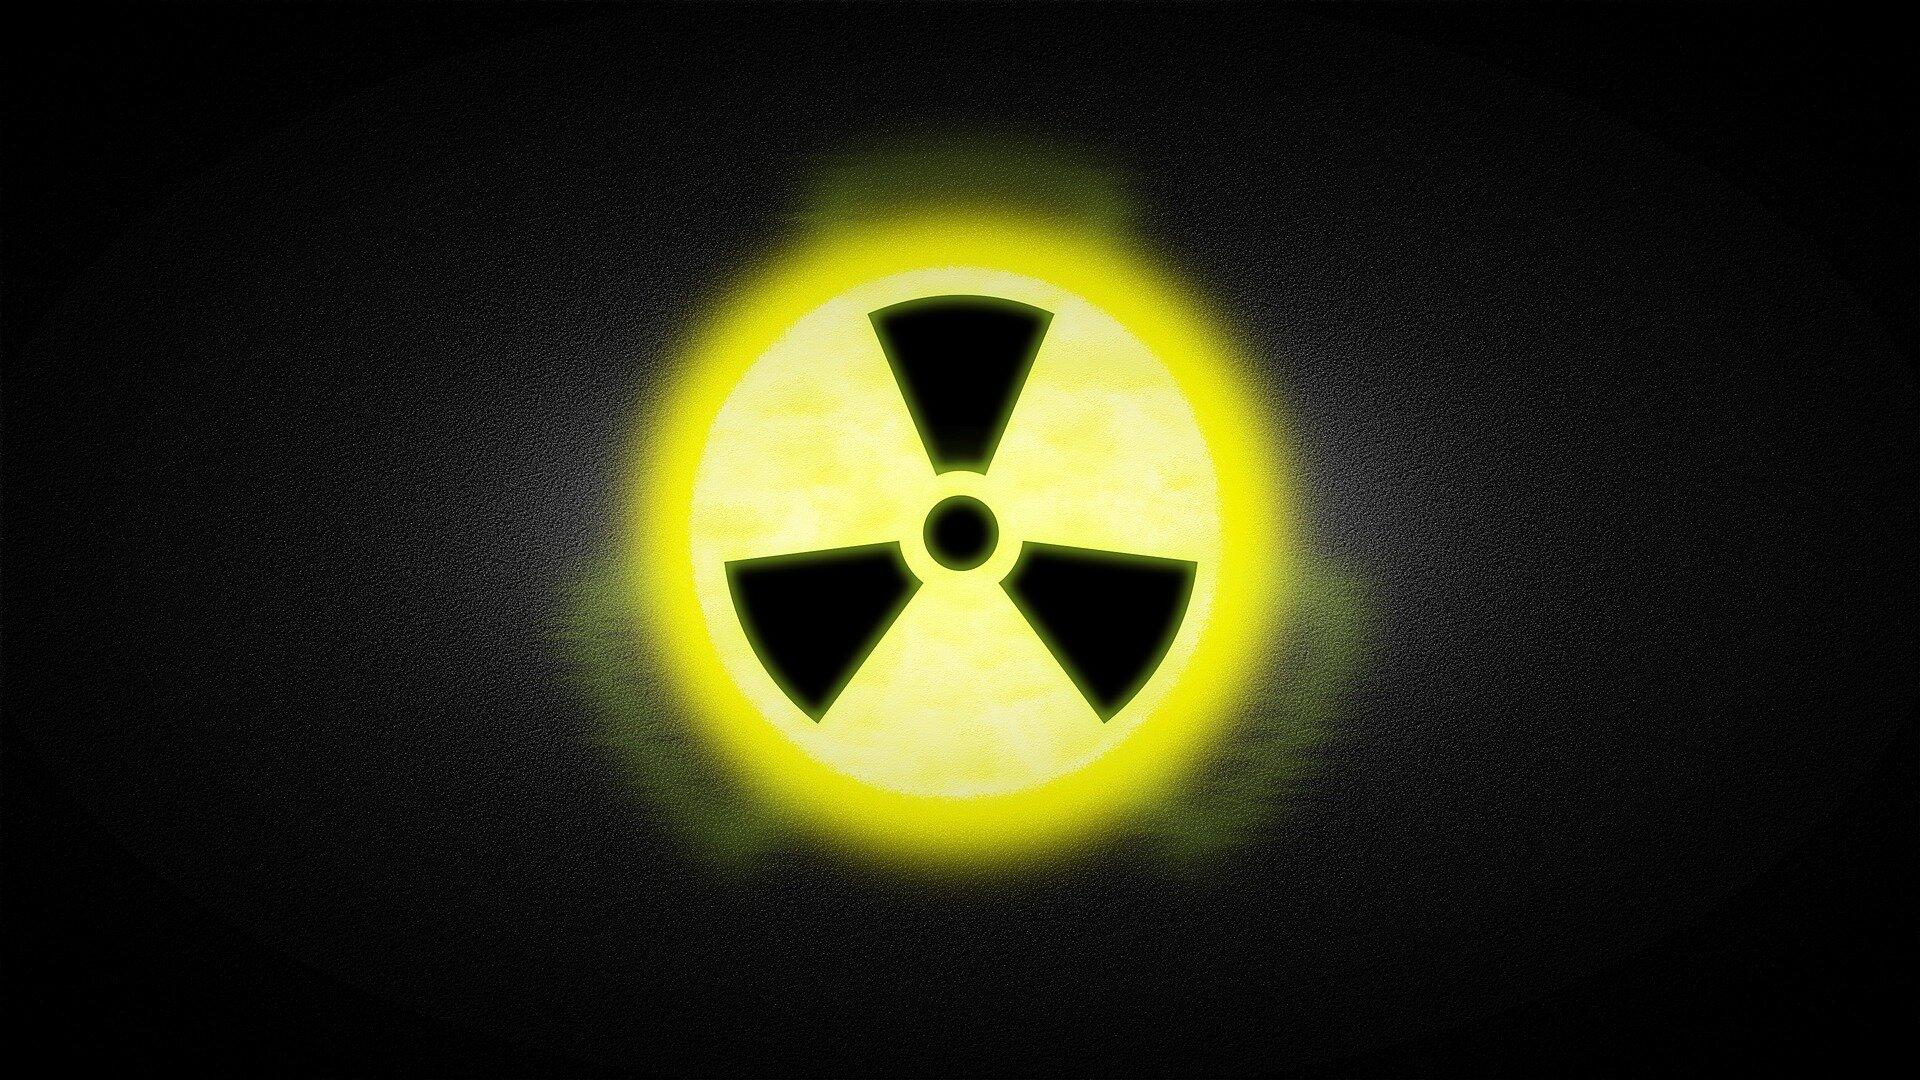 研究人员证明分裂后的分裂原子核碎片开始旋转